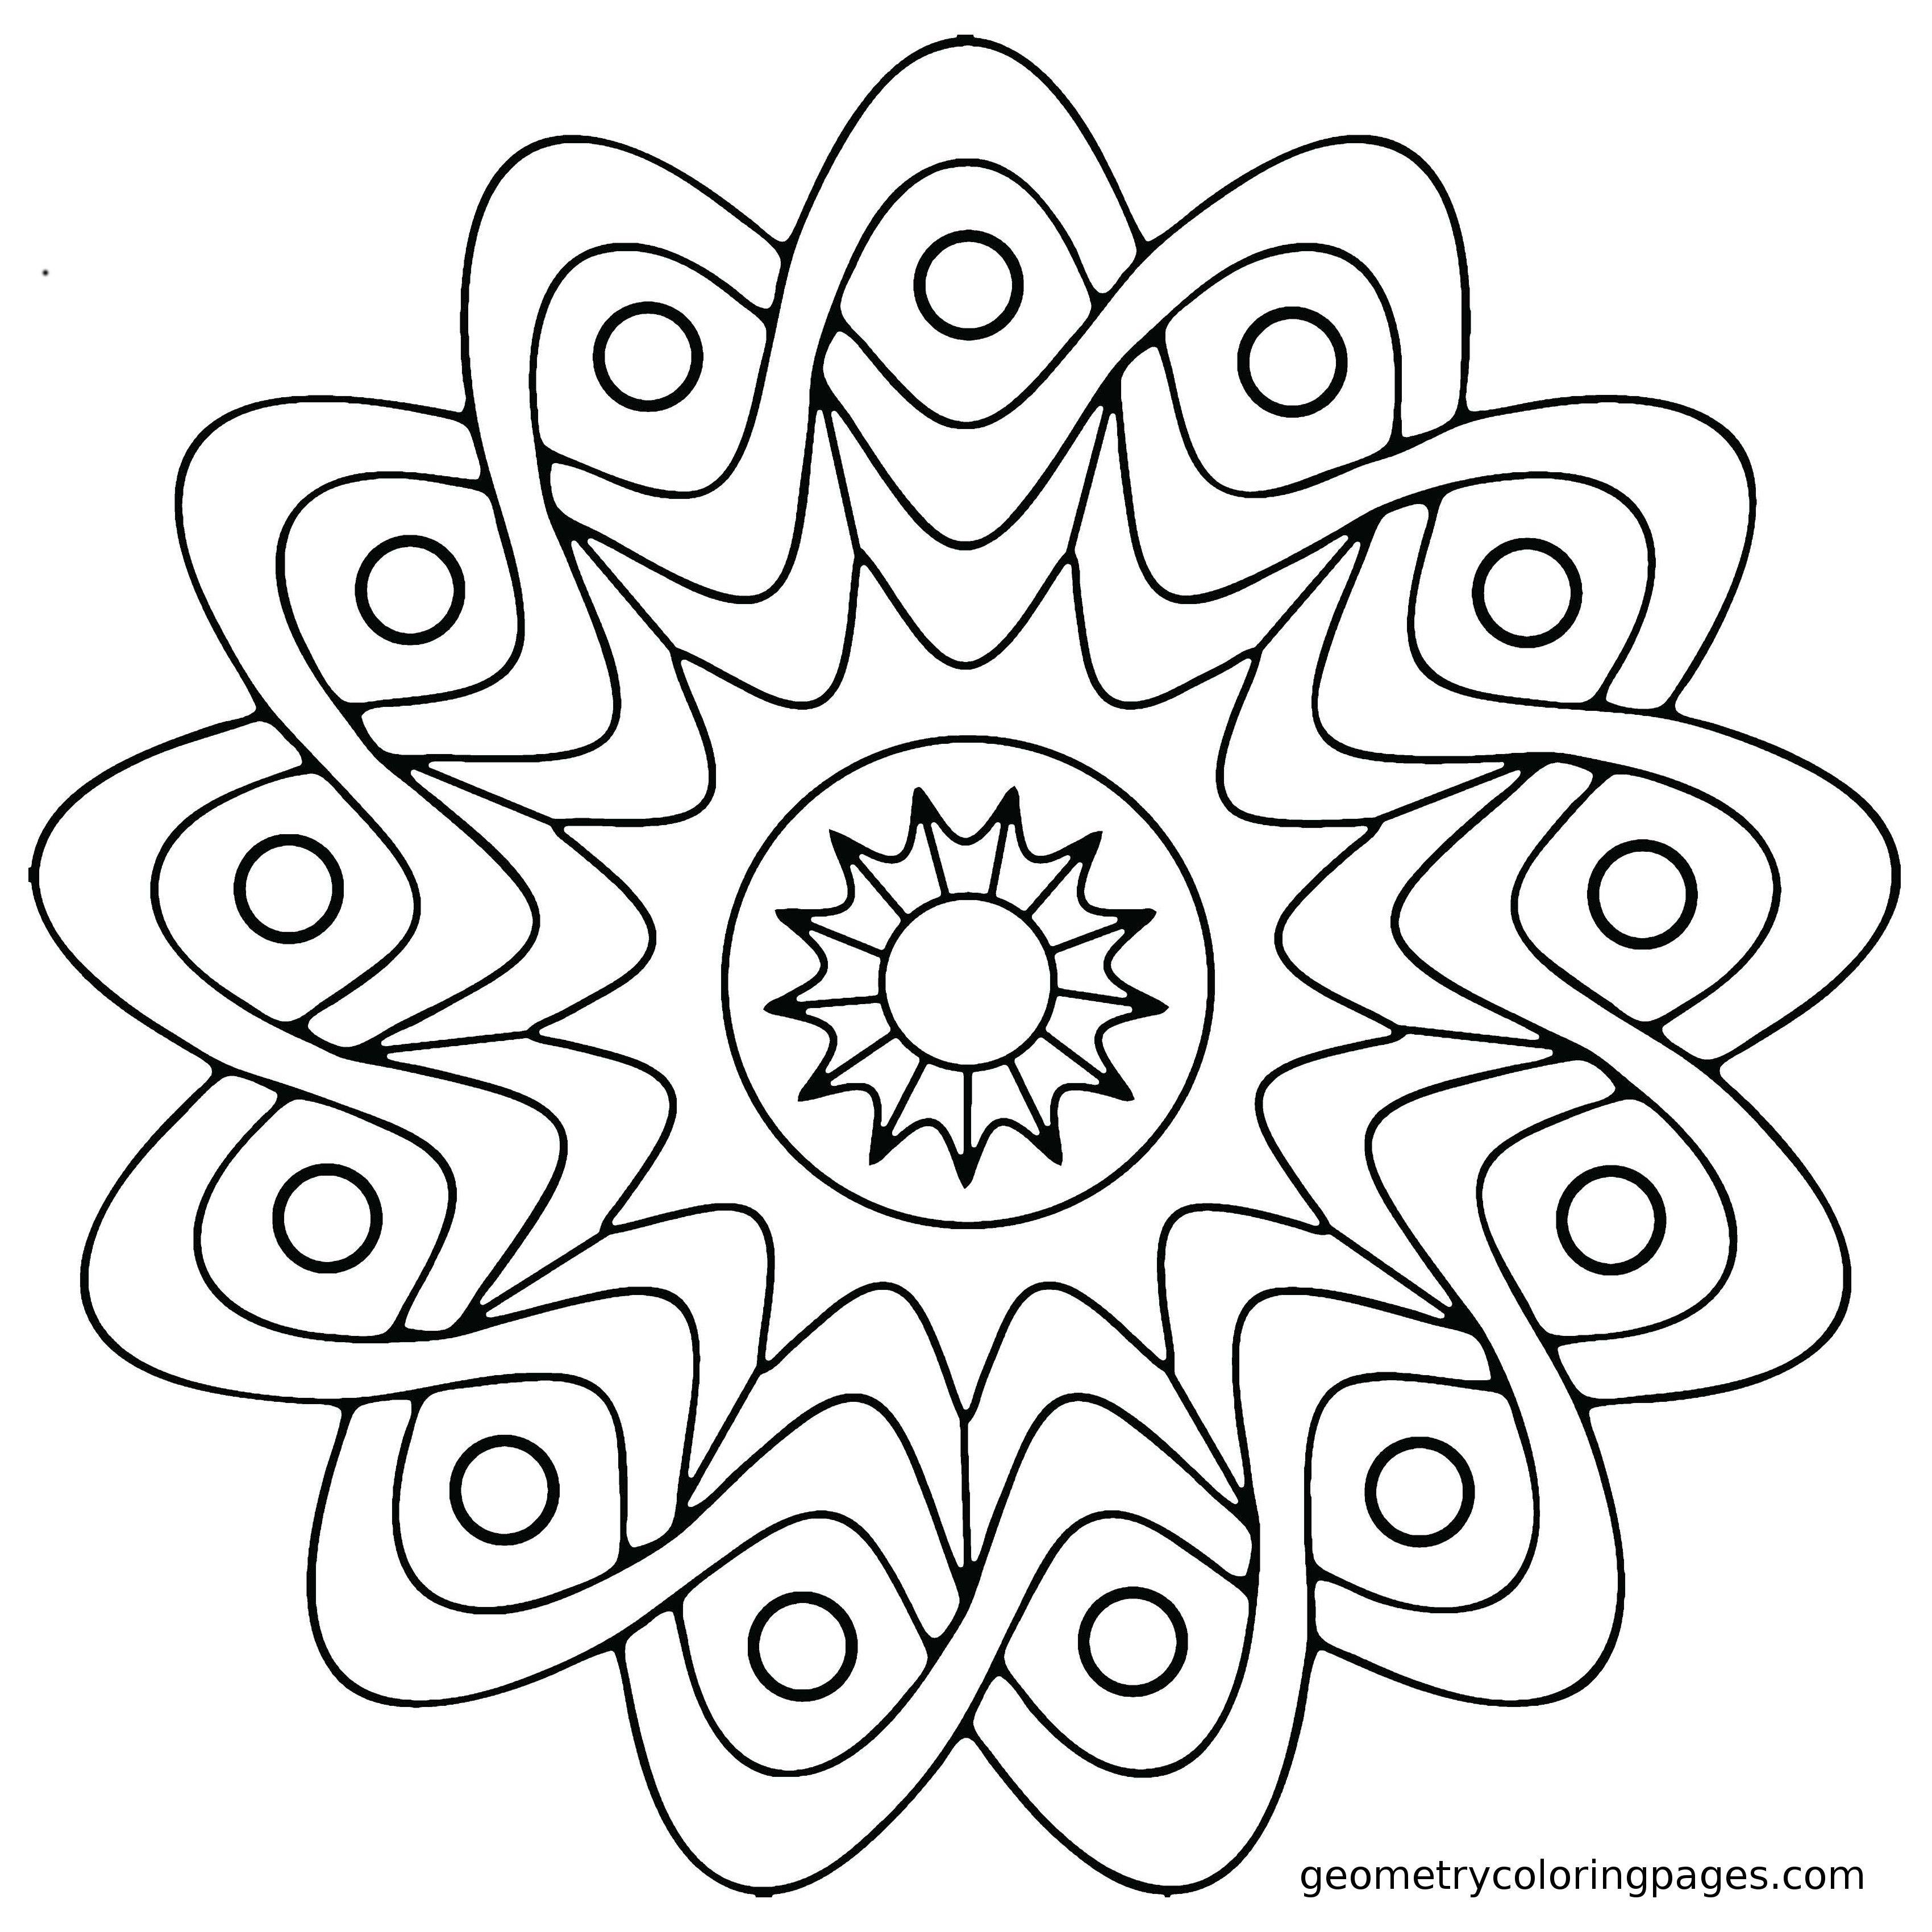 3400x3400 Mandala Coloring Page Star Shield